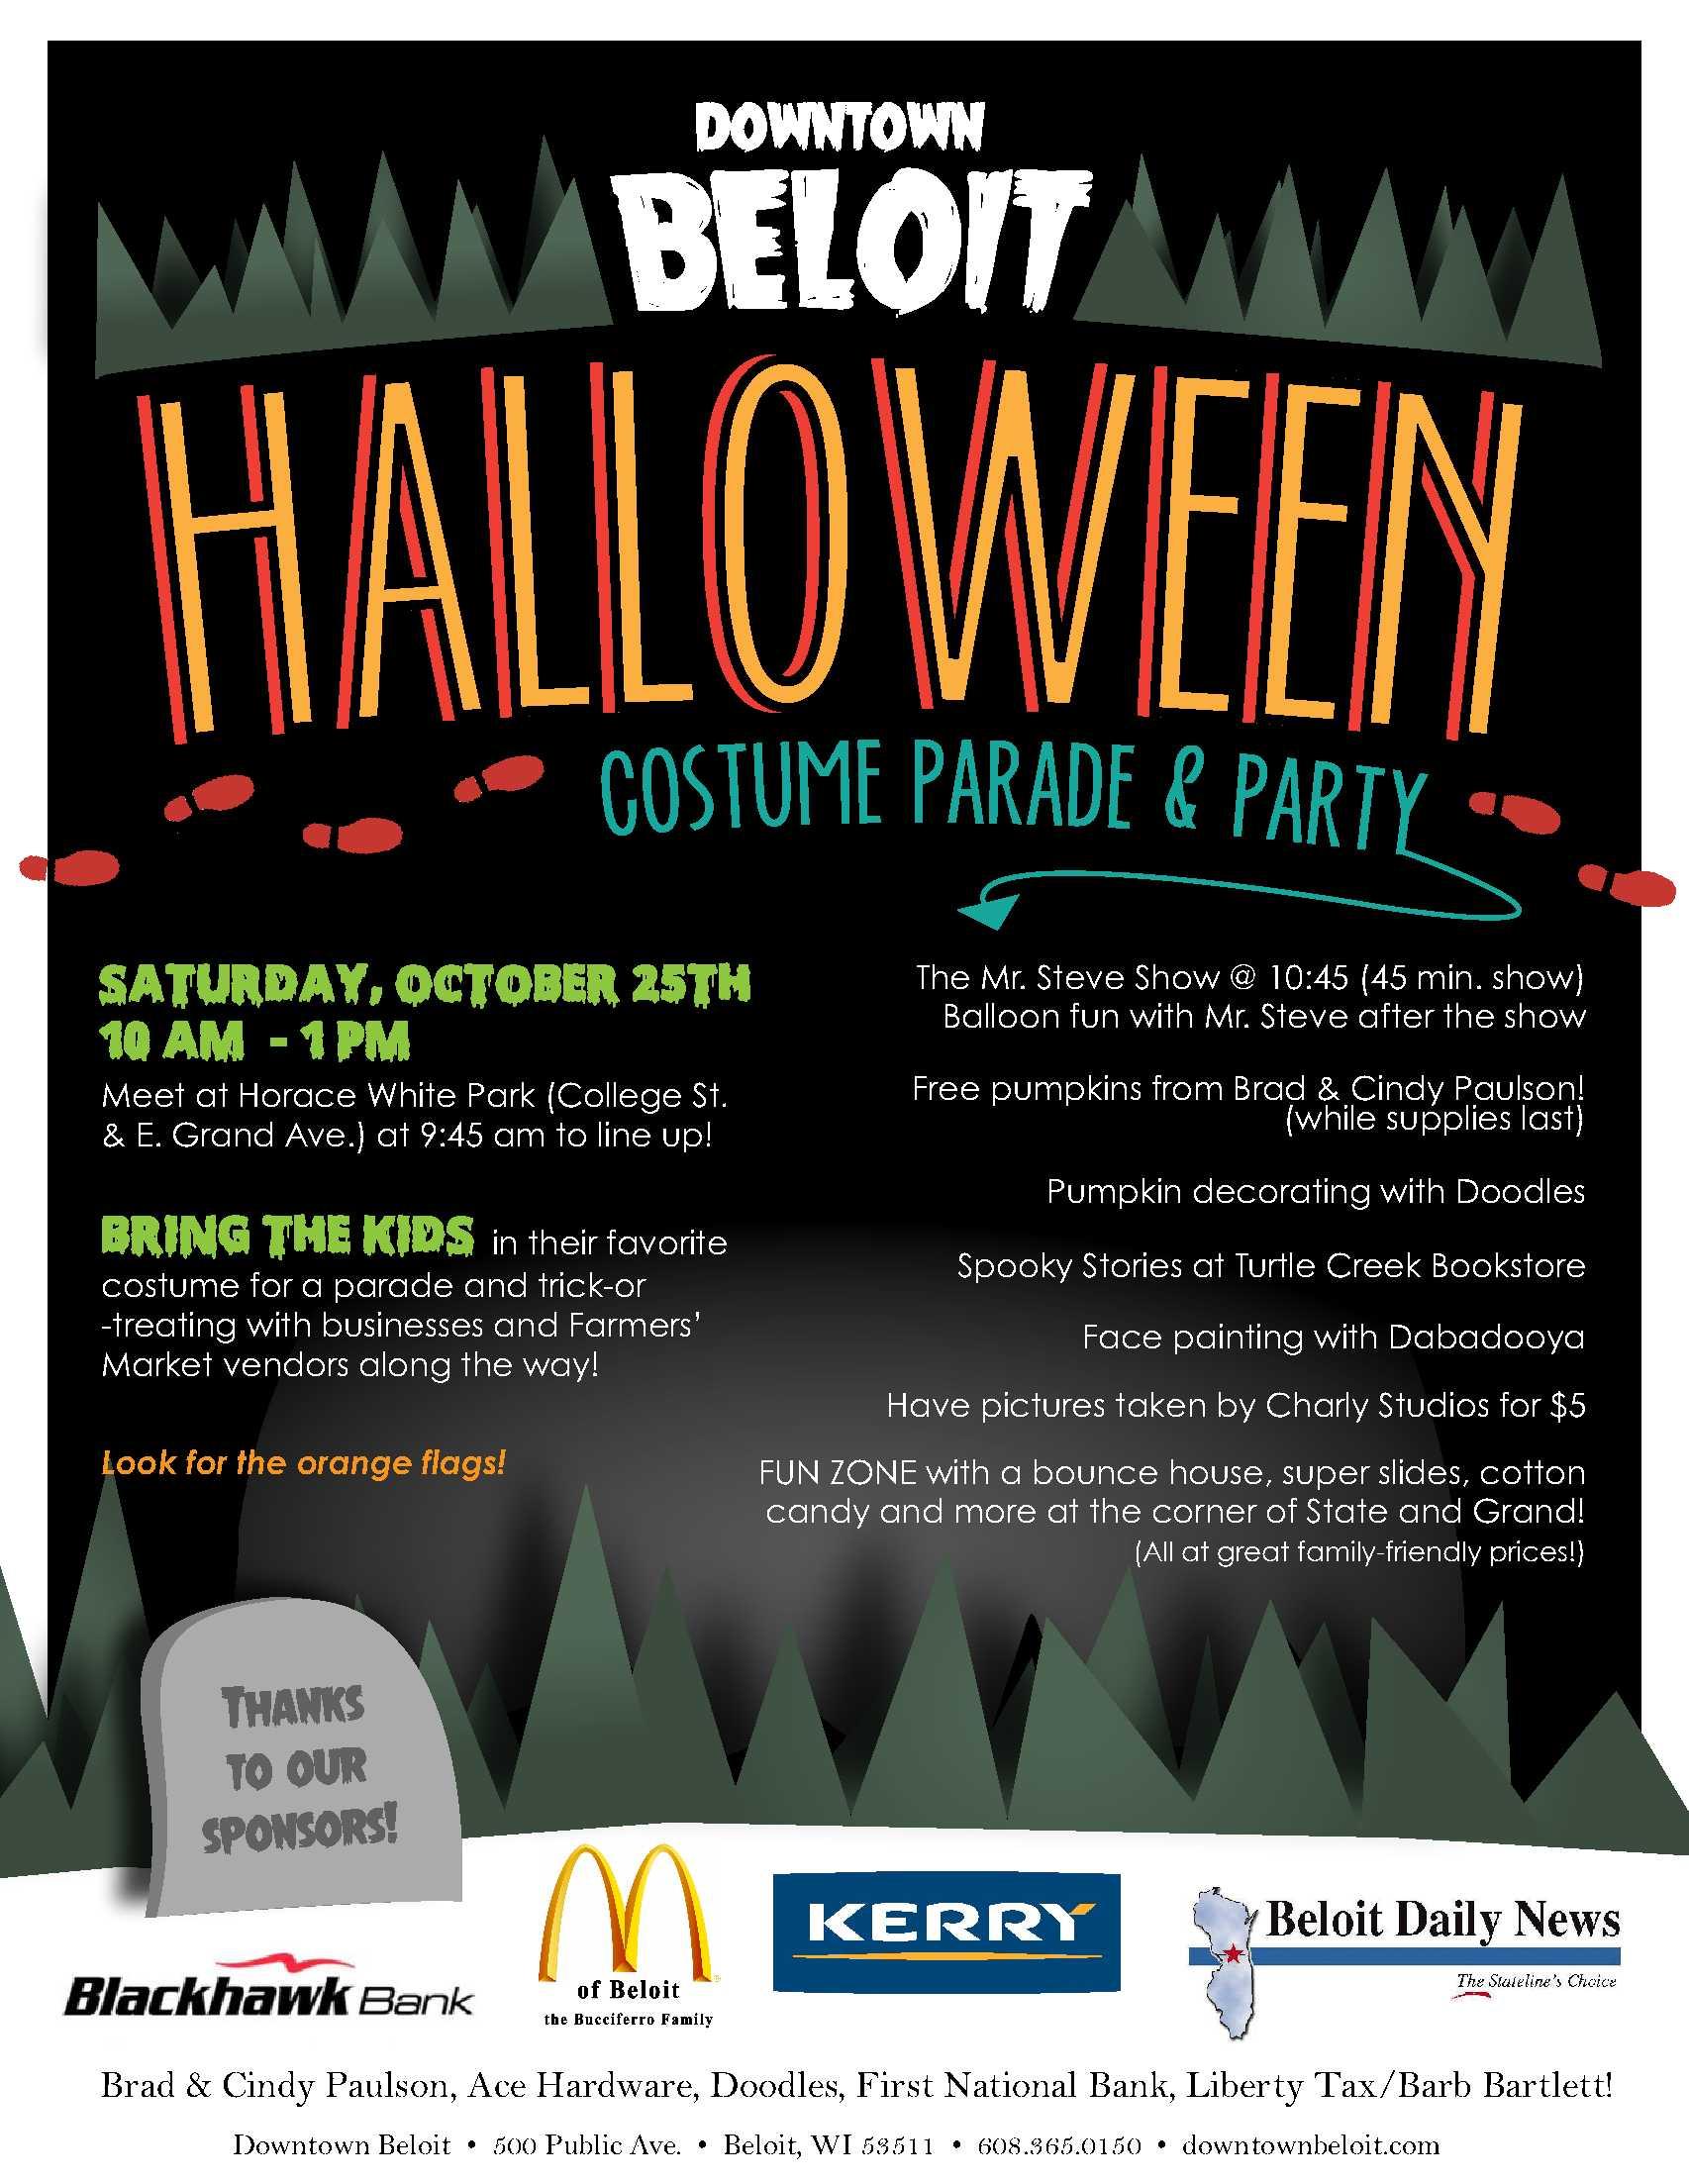 Hallowen Parade Flyer2014 Downtown Beloit Association